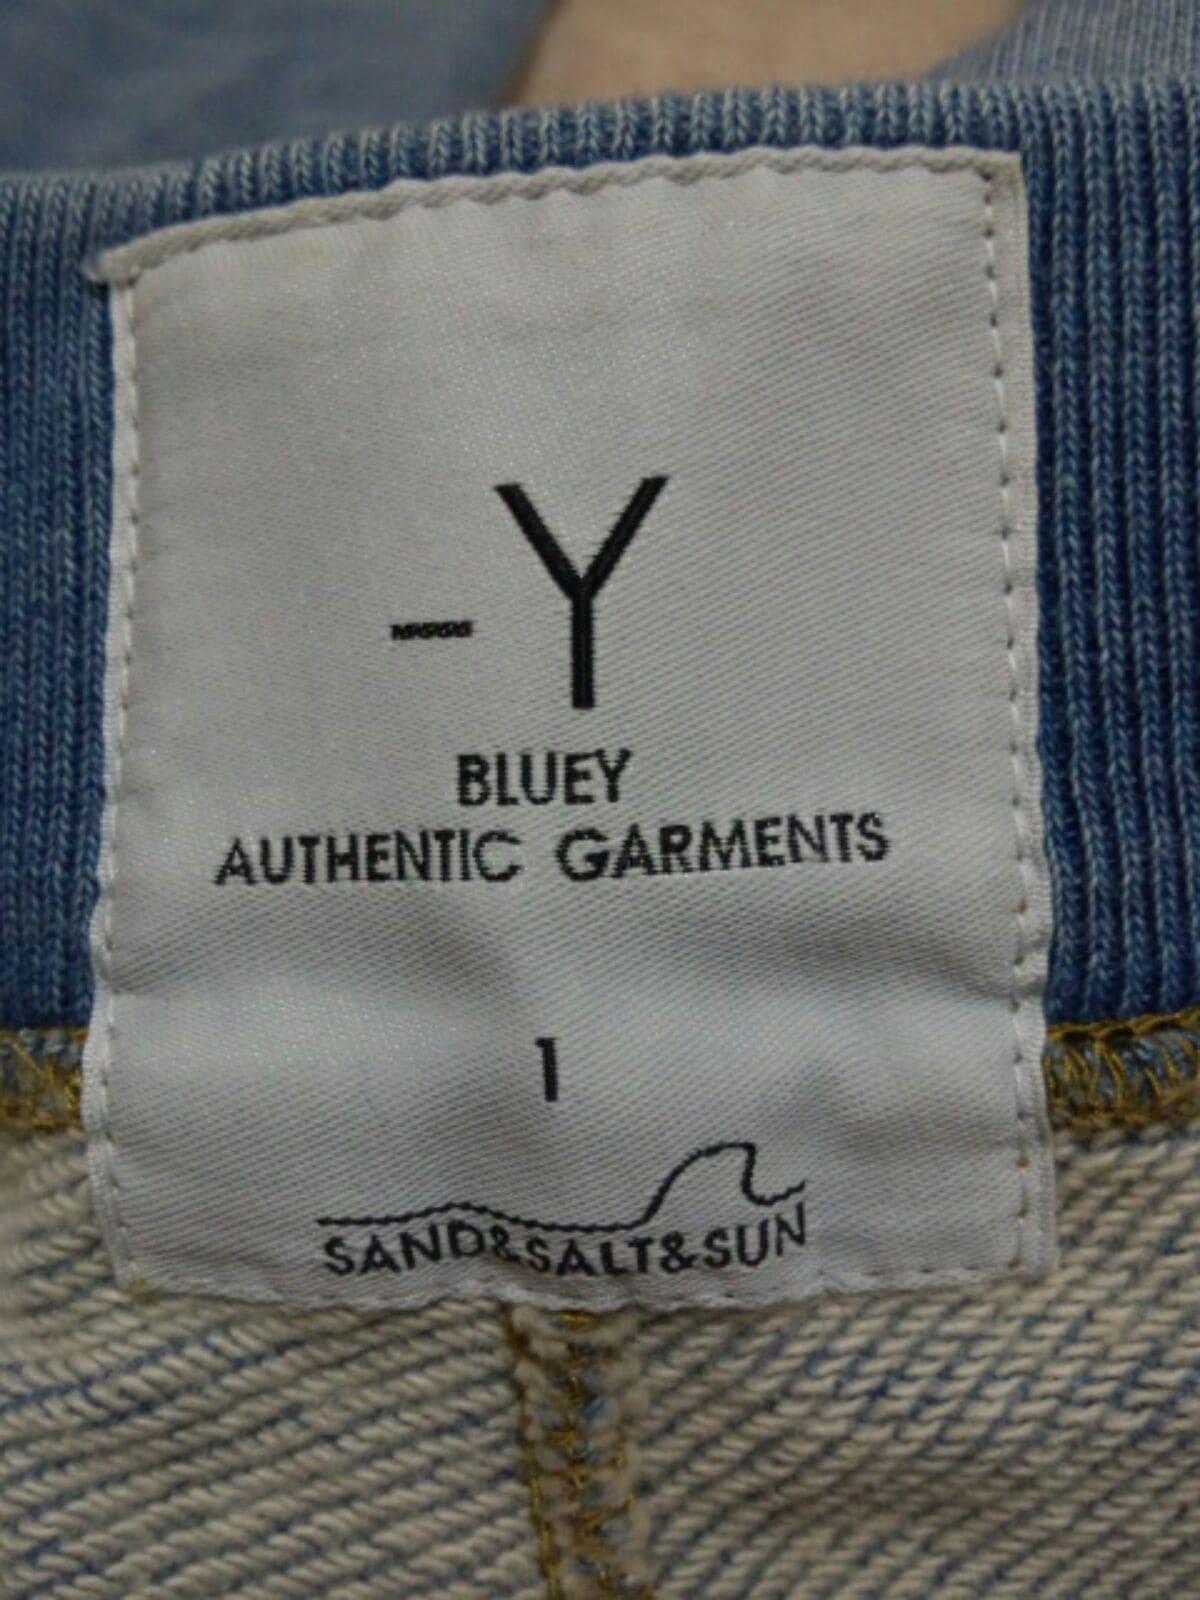 BLUEY SAND&SALT&SUN(ブルーイ サンドアンドソルトアンドサン)のパンツ